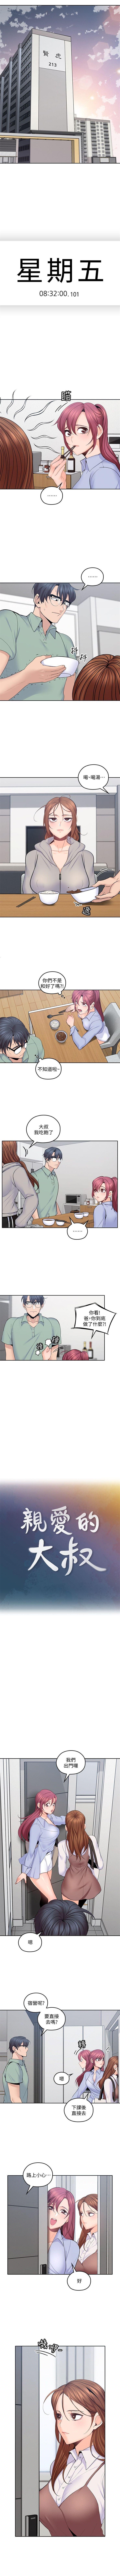 (週4)親愛的大叔 1-33 中文翻譯(更新中) 114